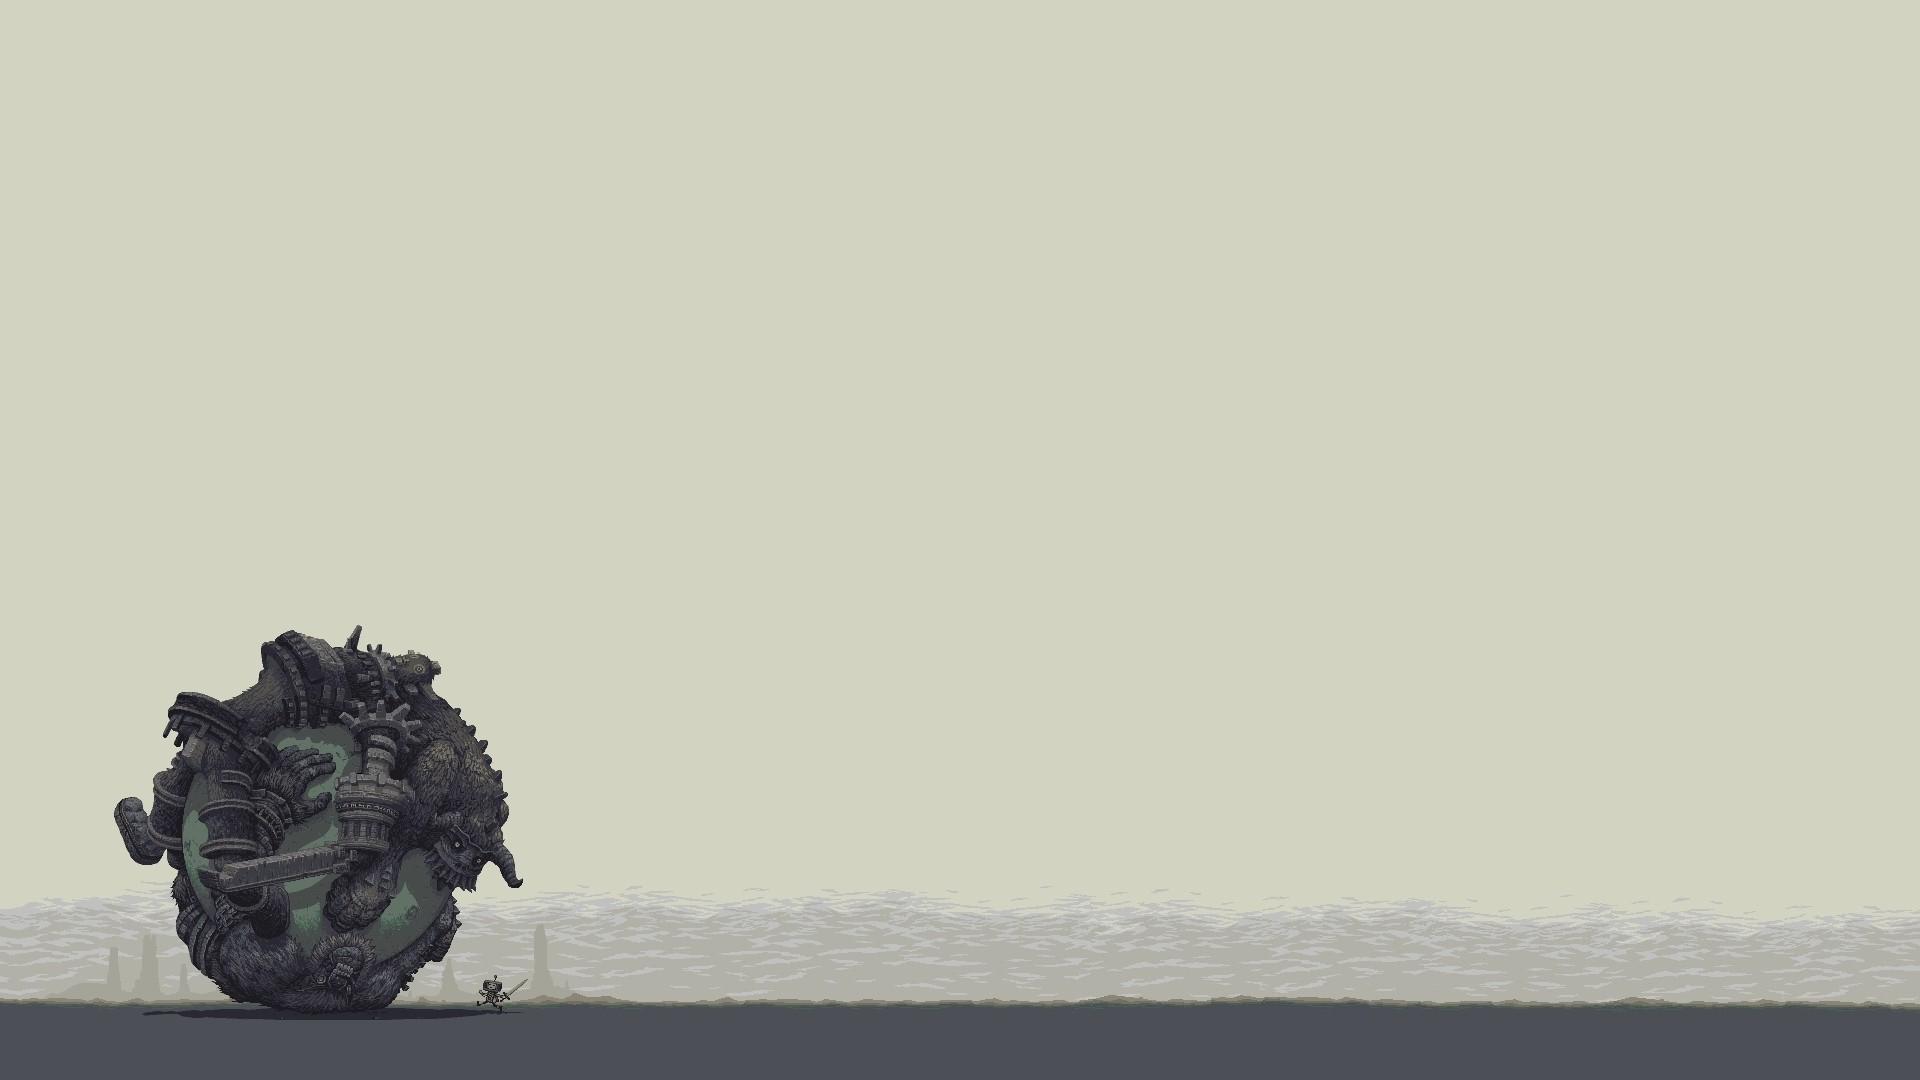 minimalism, Katamari, Retro Games Wallpapers HD / Desktop and Mobile  Backgrounds